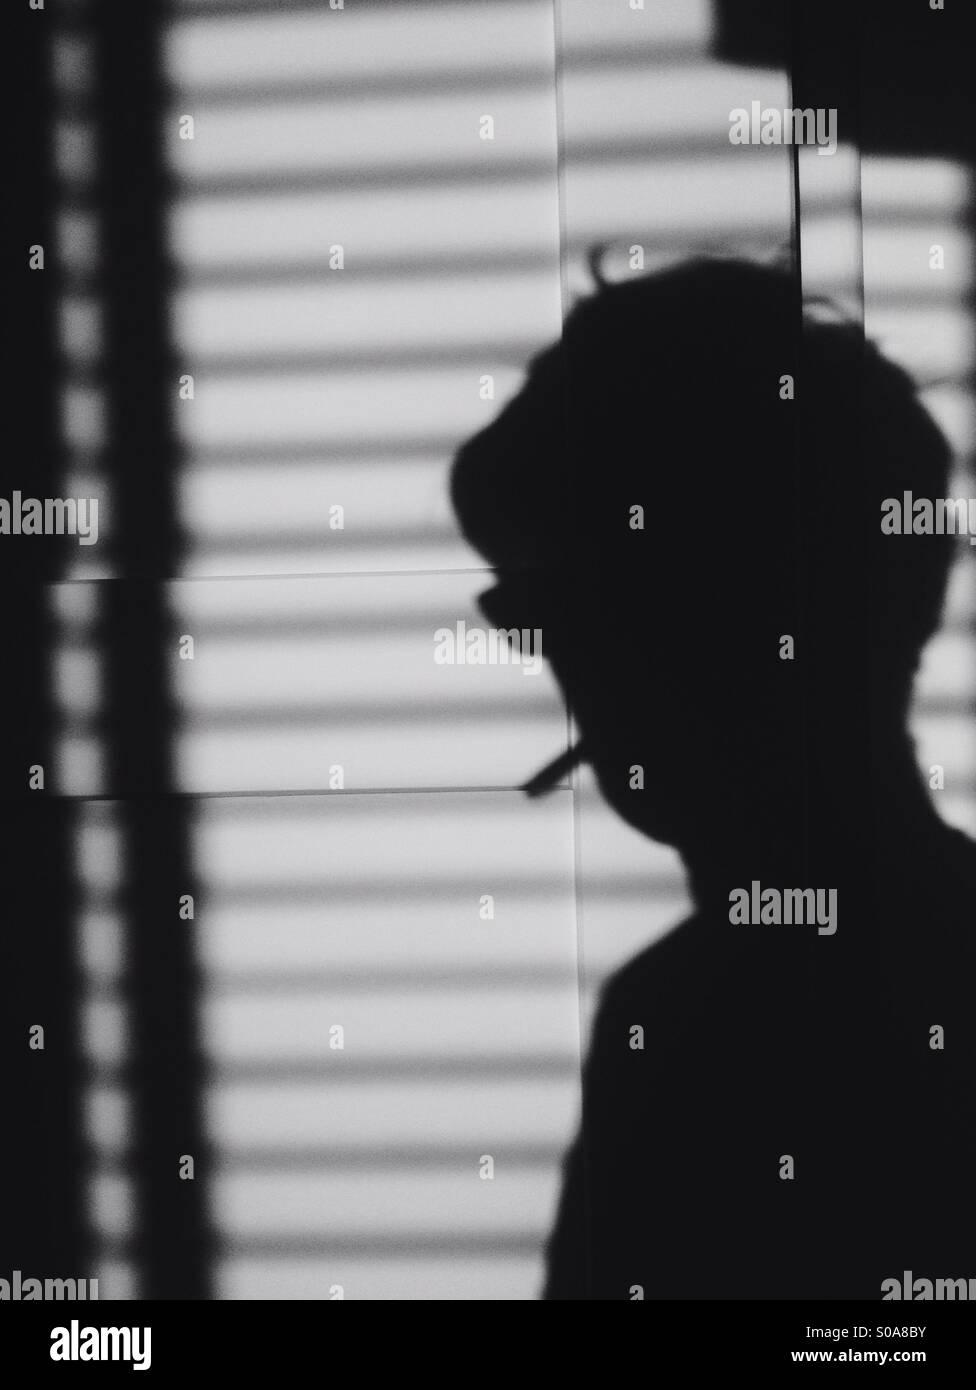 Smoking man silhouette - Stock Image